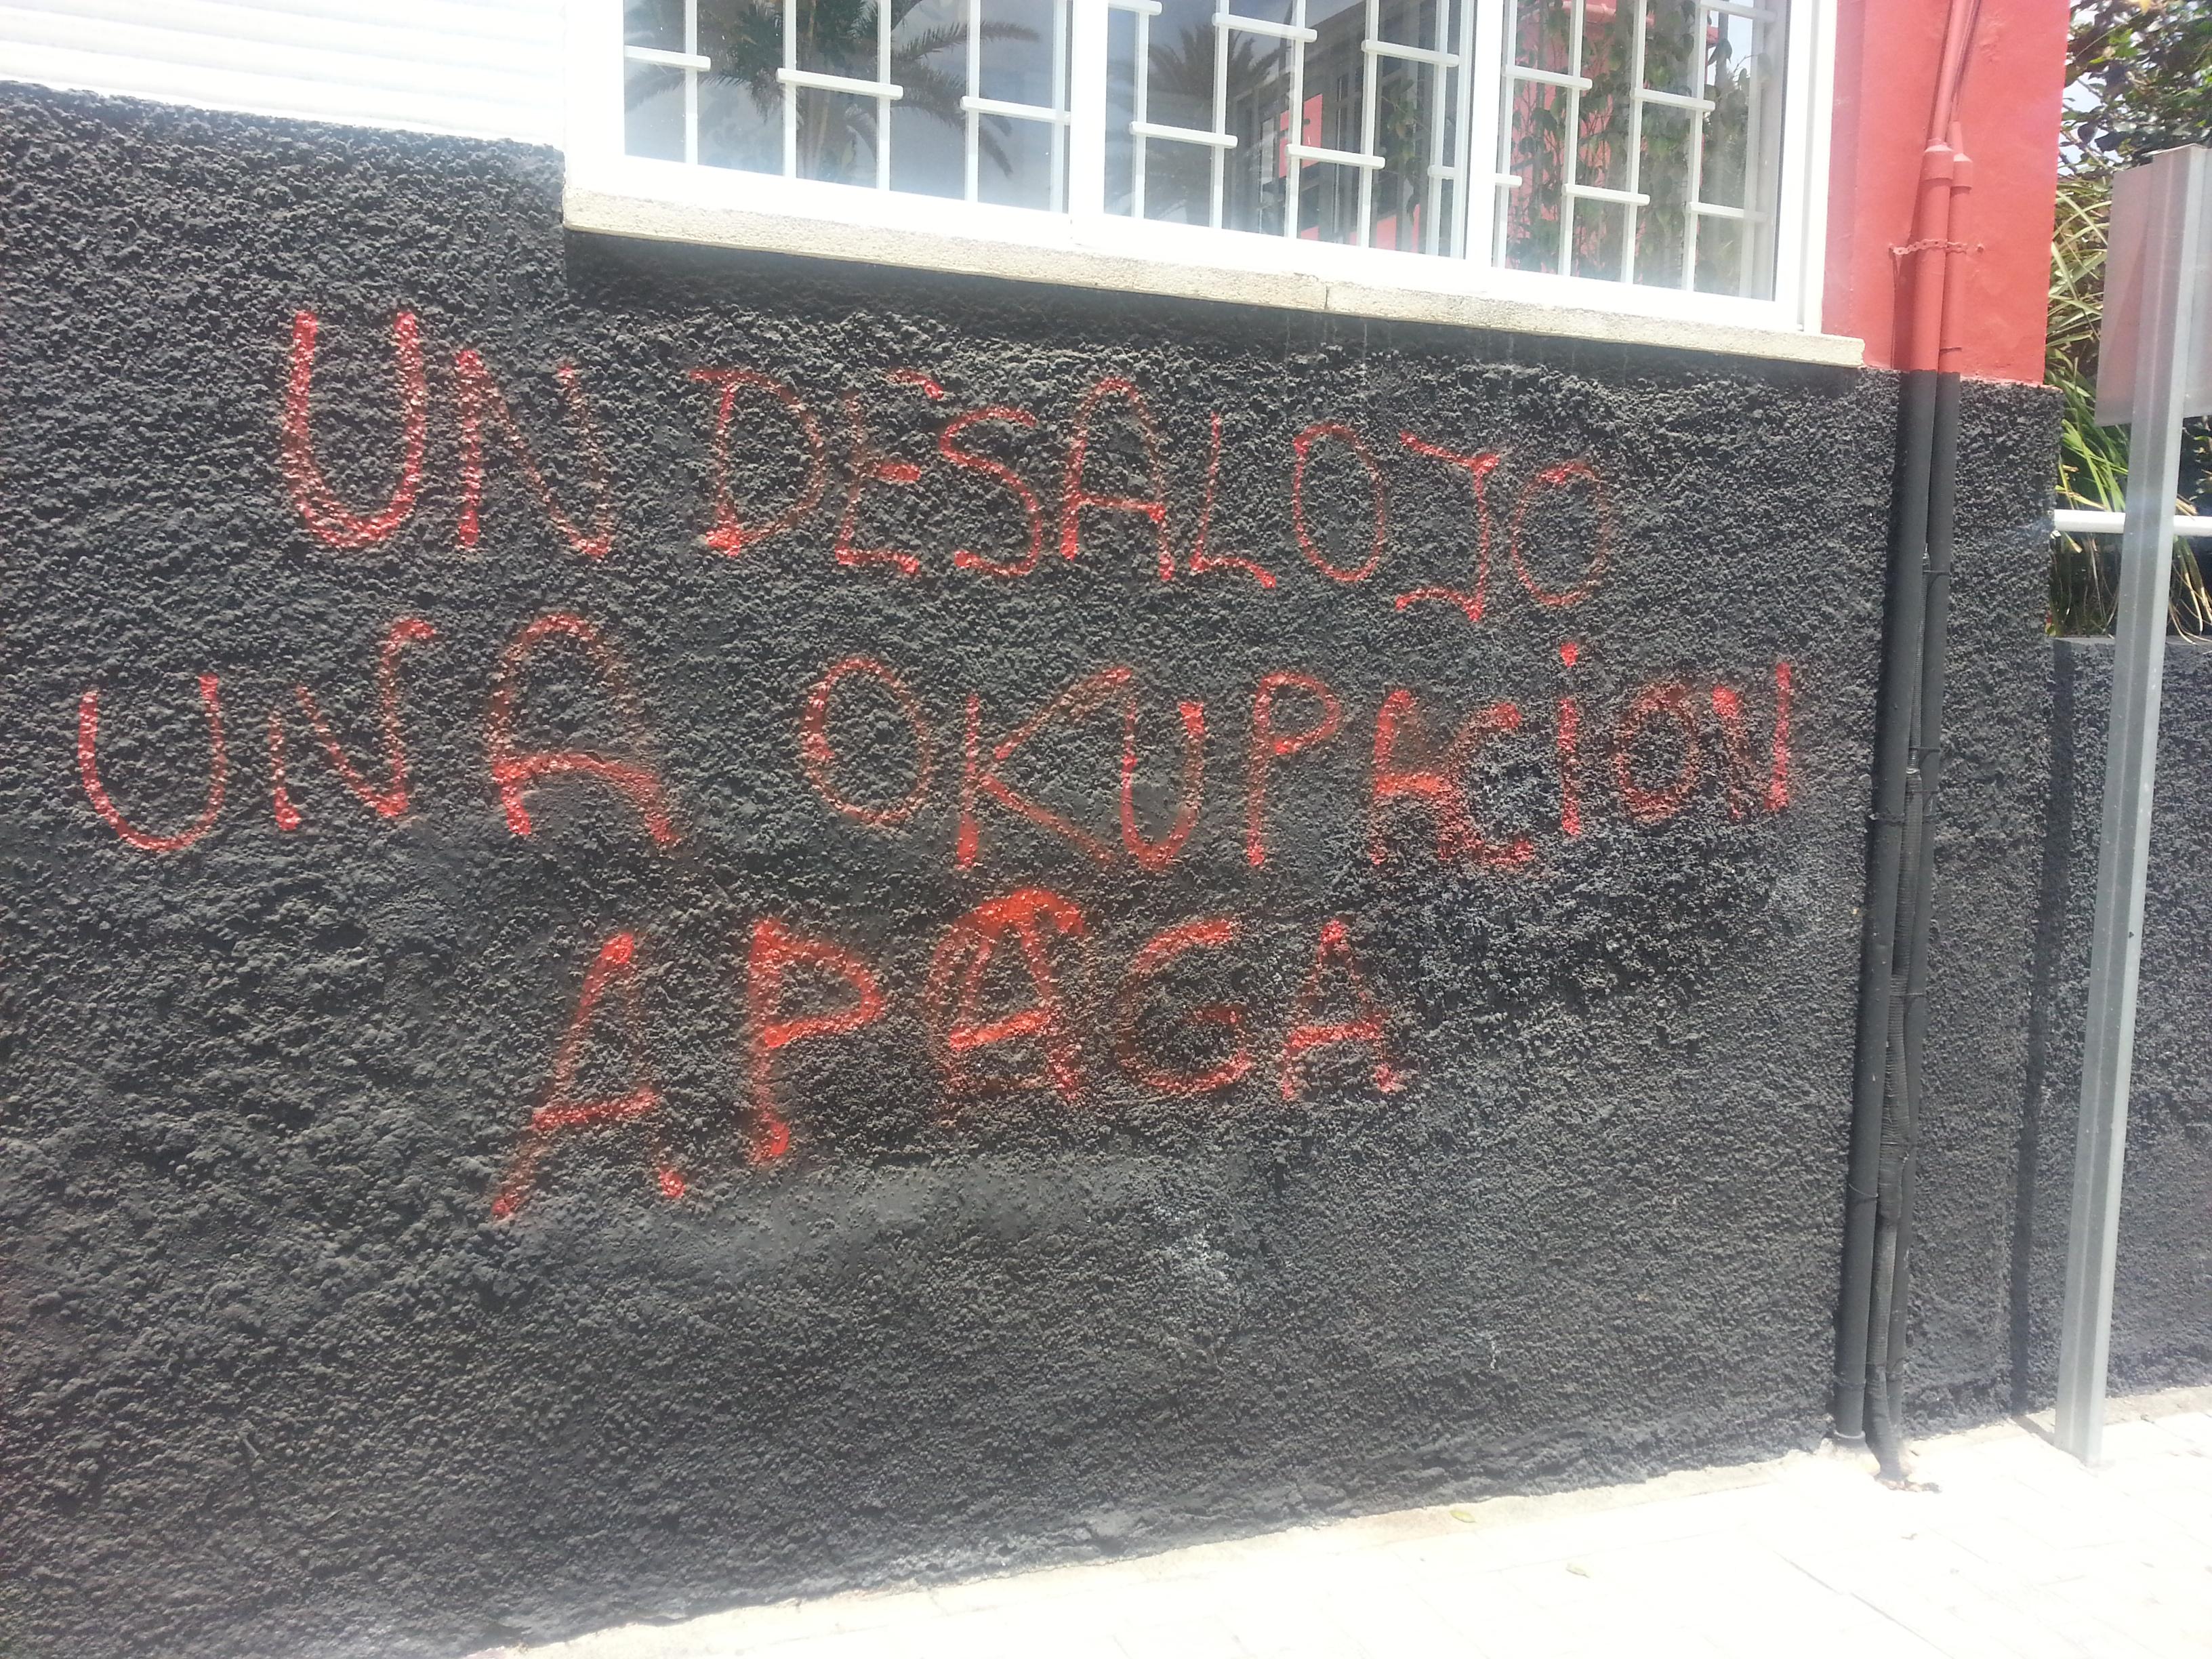 Protes teen Spaanse oorheersing